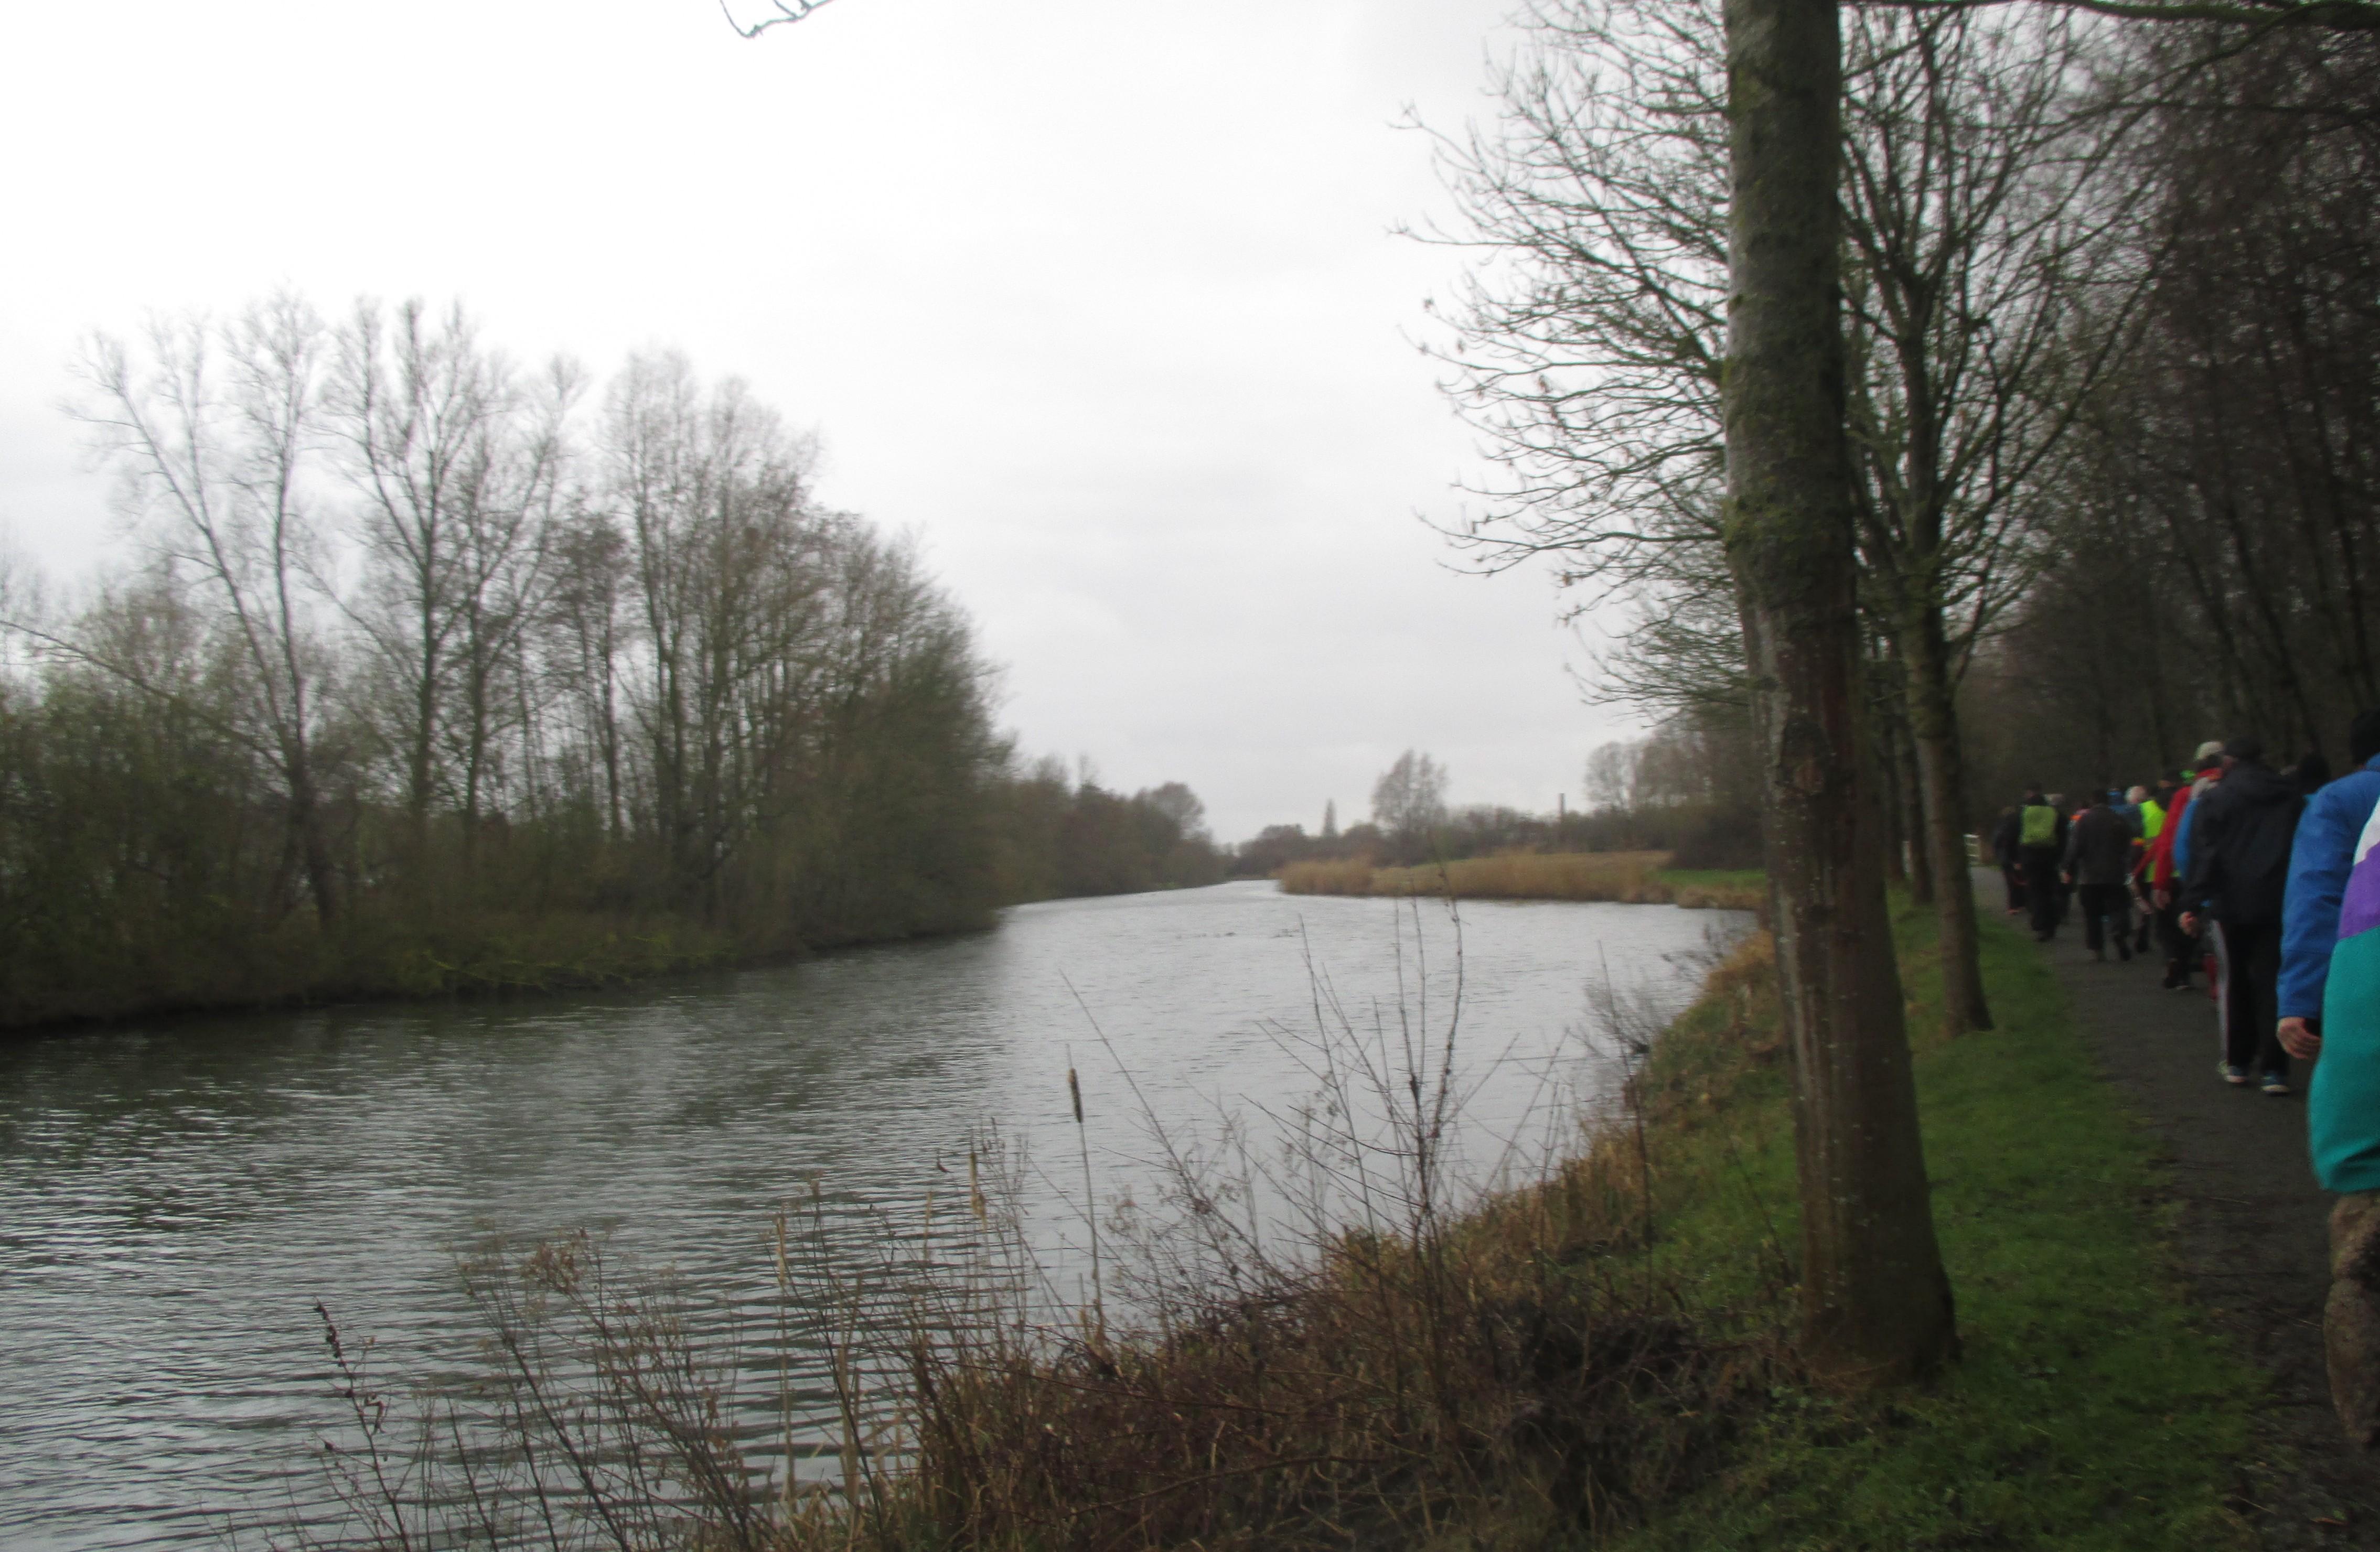 20 februari 2016: Lauwe (Euraudax) (50 km)